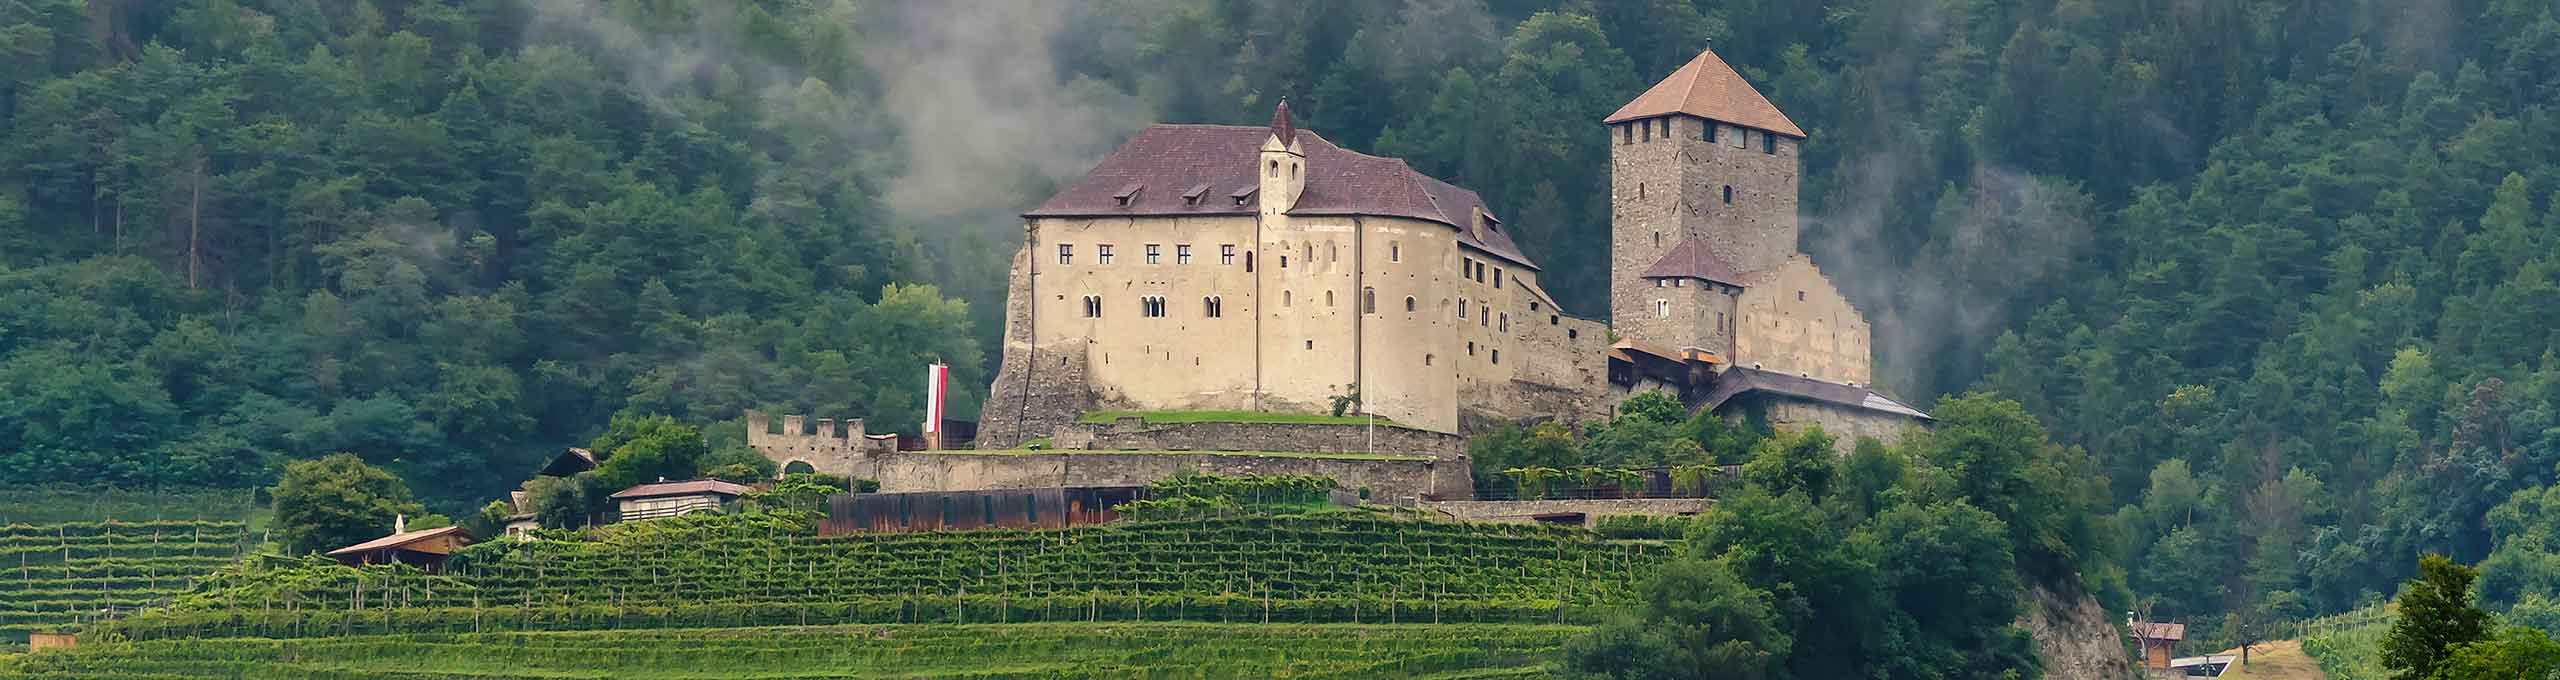 Castello Tirolo, in Germano Merano